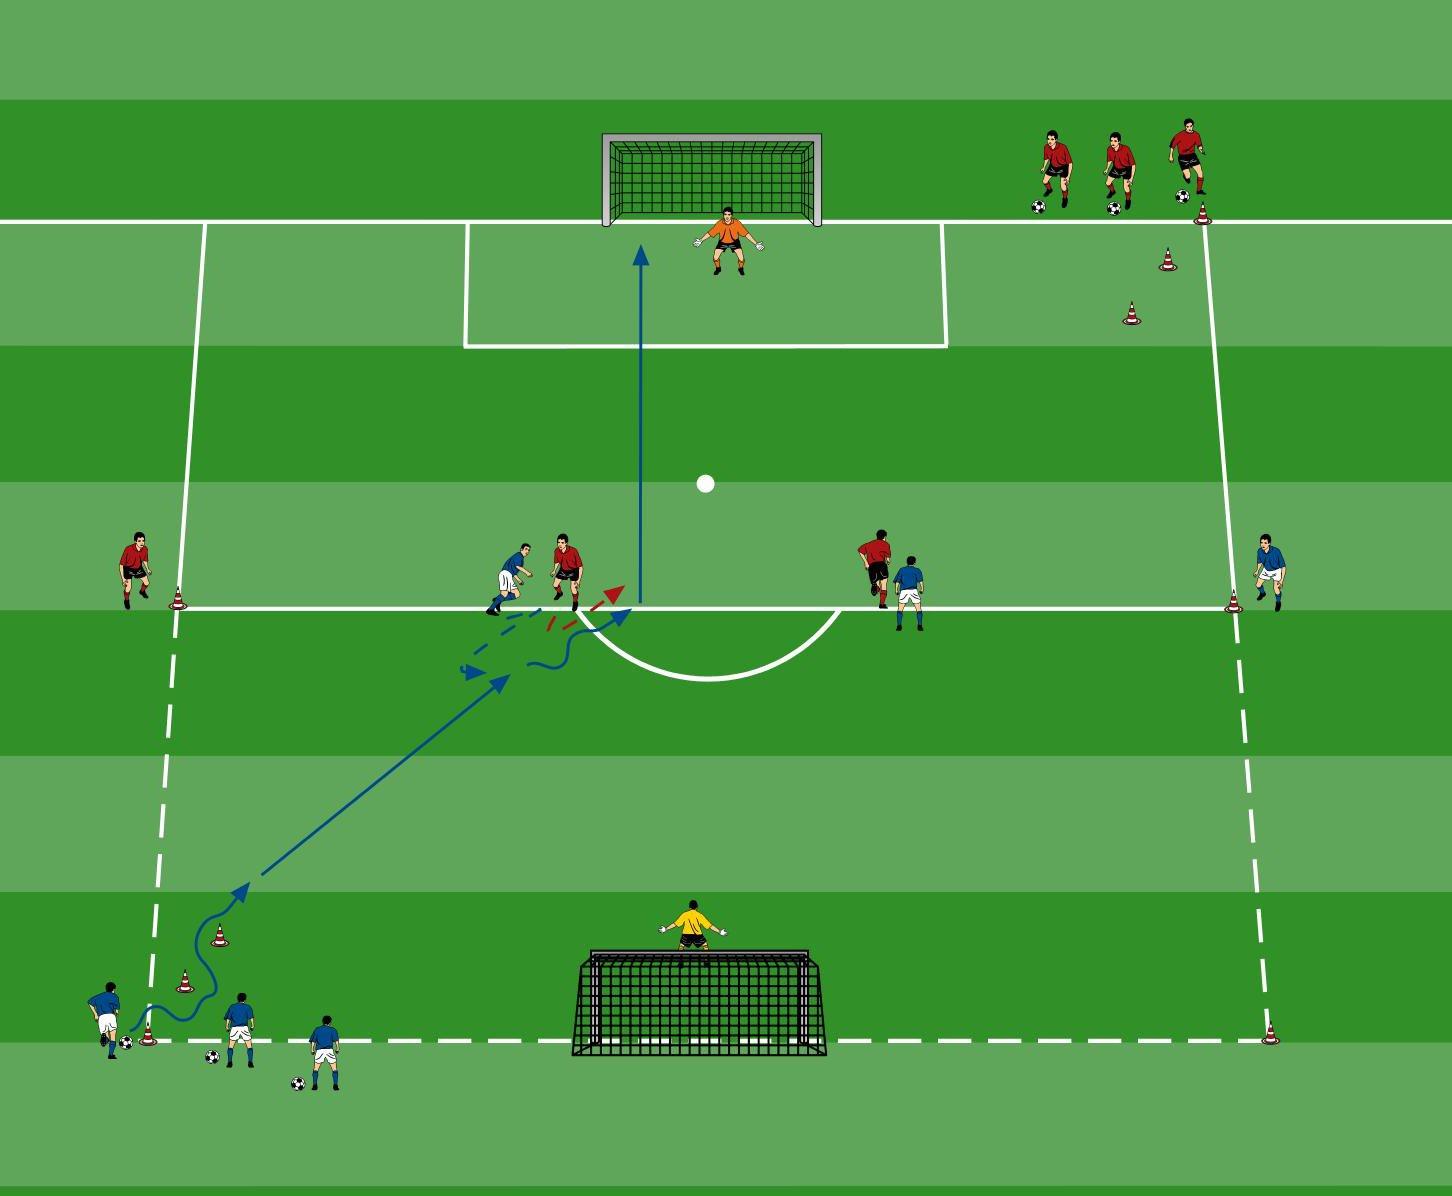 Zweikampfübungen im Fußball